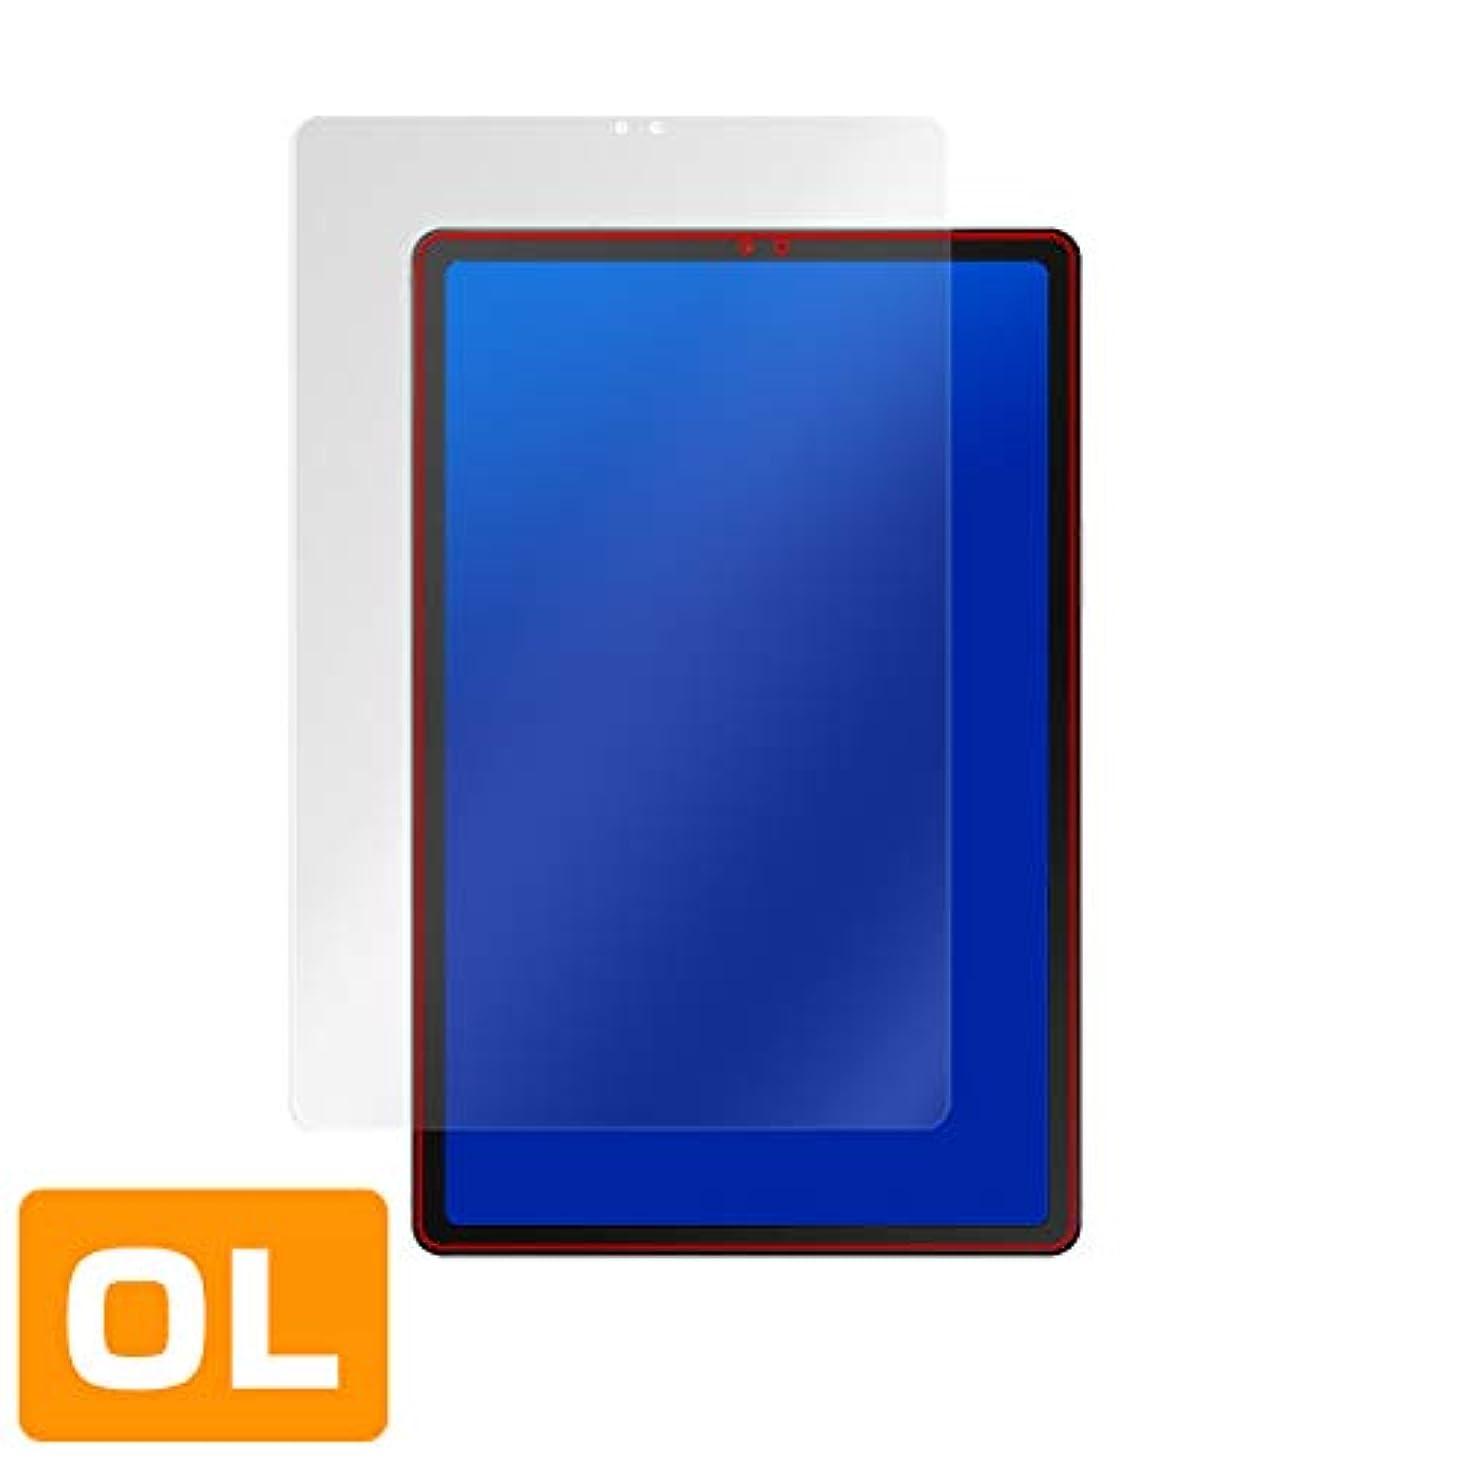 フェッチ教育する吐き出すGalaxy Tab S5e 用 日本製 指紋が目立たない 反射防止液晶保護フィルム OverLay Plus OLGALAXYTABS5E/F/4